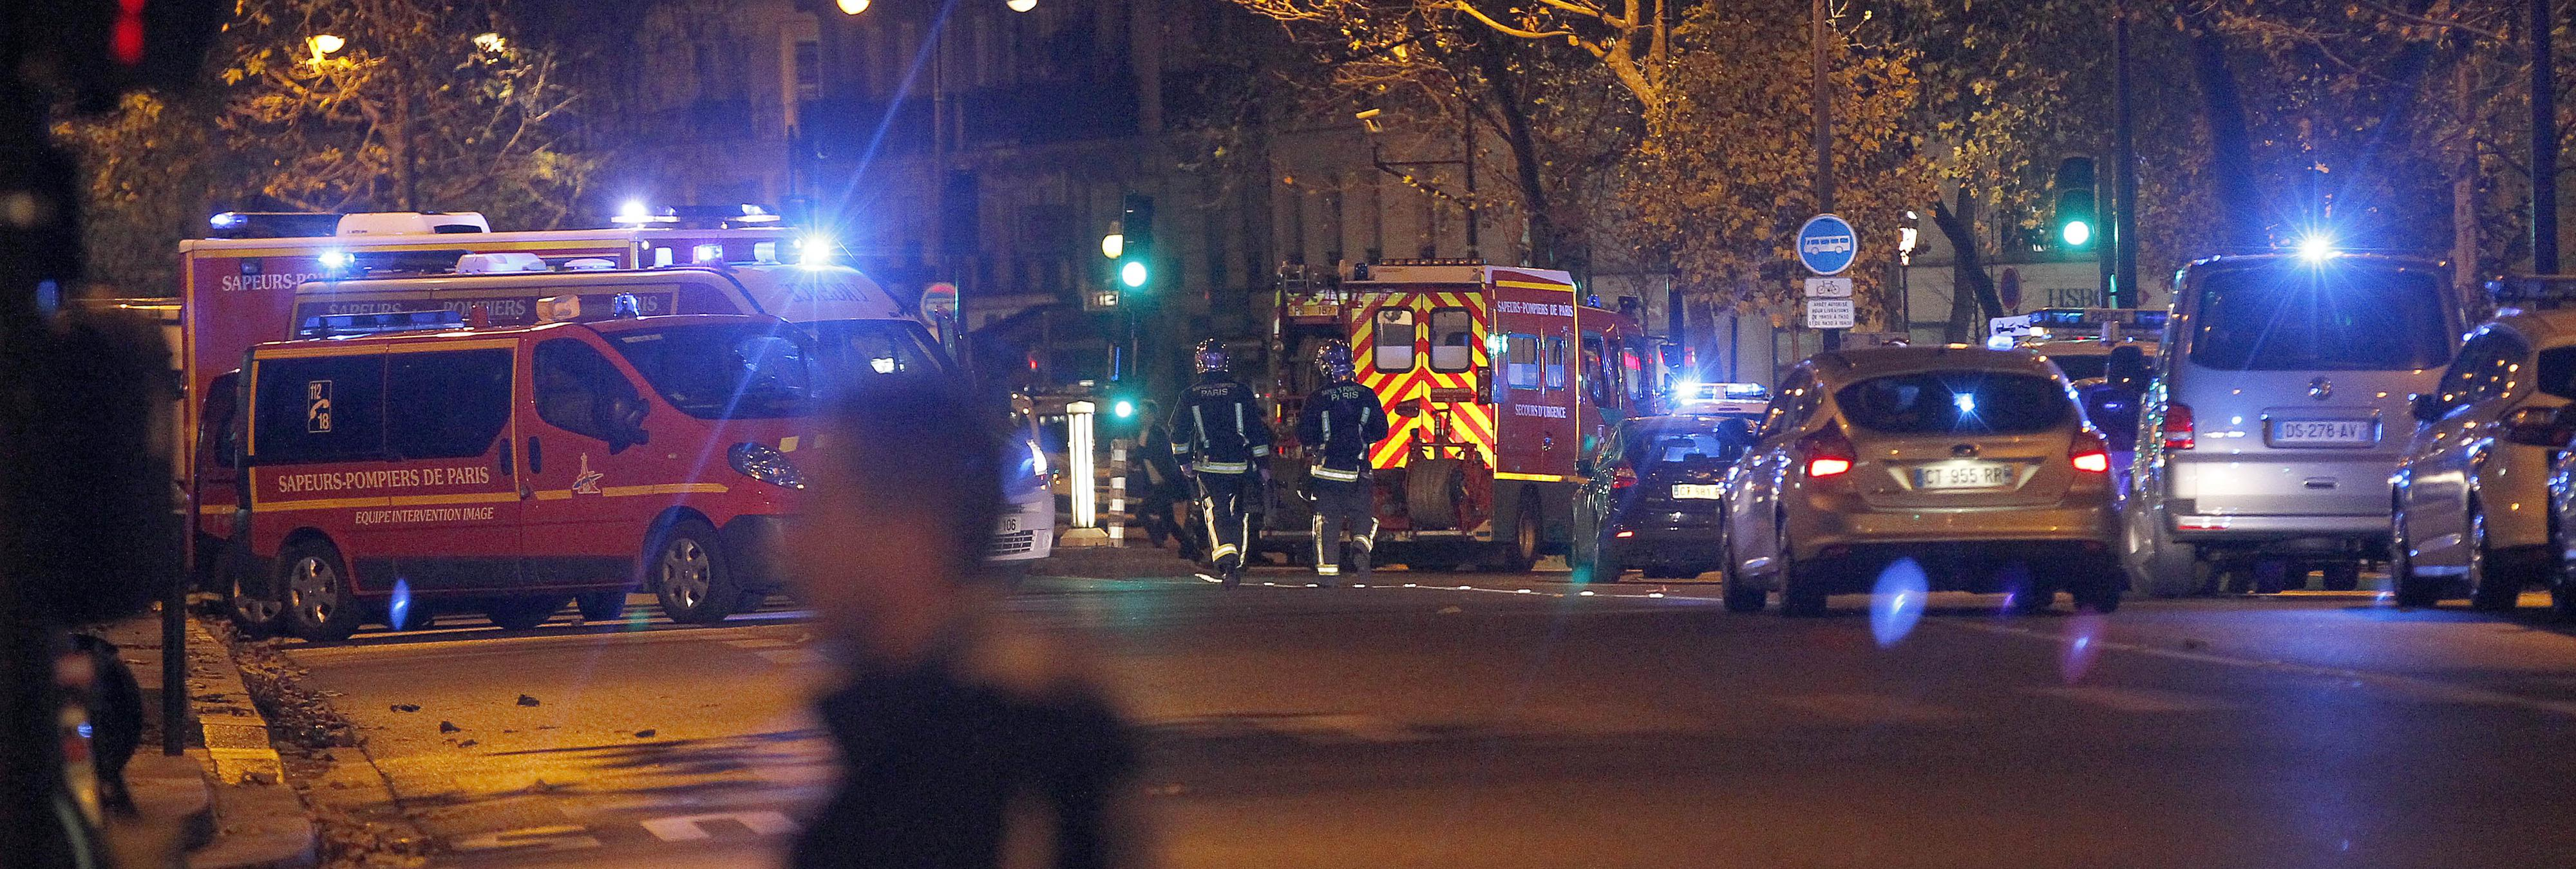 Lo que sabemos de los atentados terroristas de París